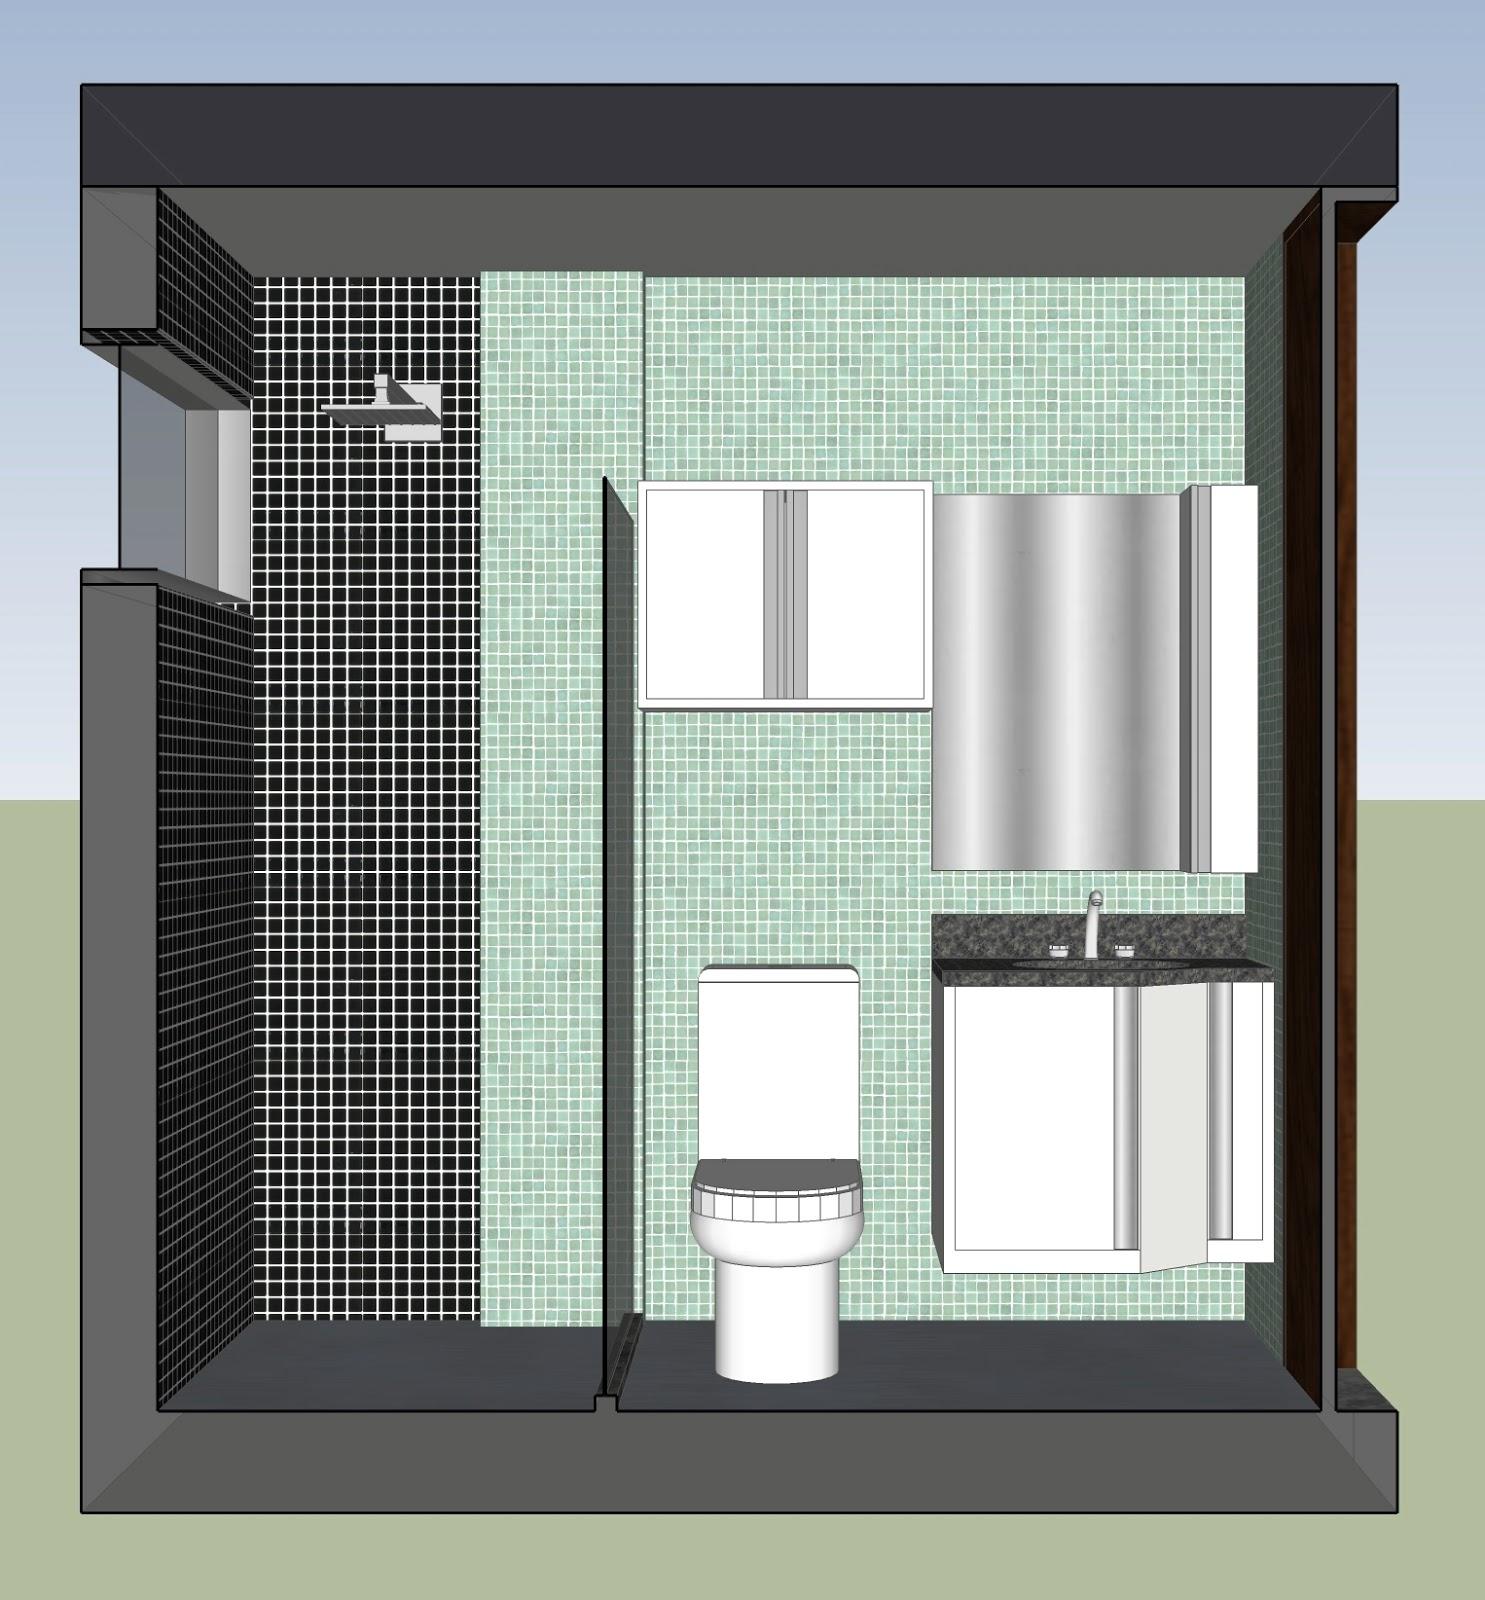 Arquitetura e Interiores: Projeto de Interiores Banheiro Social em  #4D6A7E 1485 1600